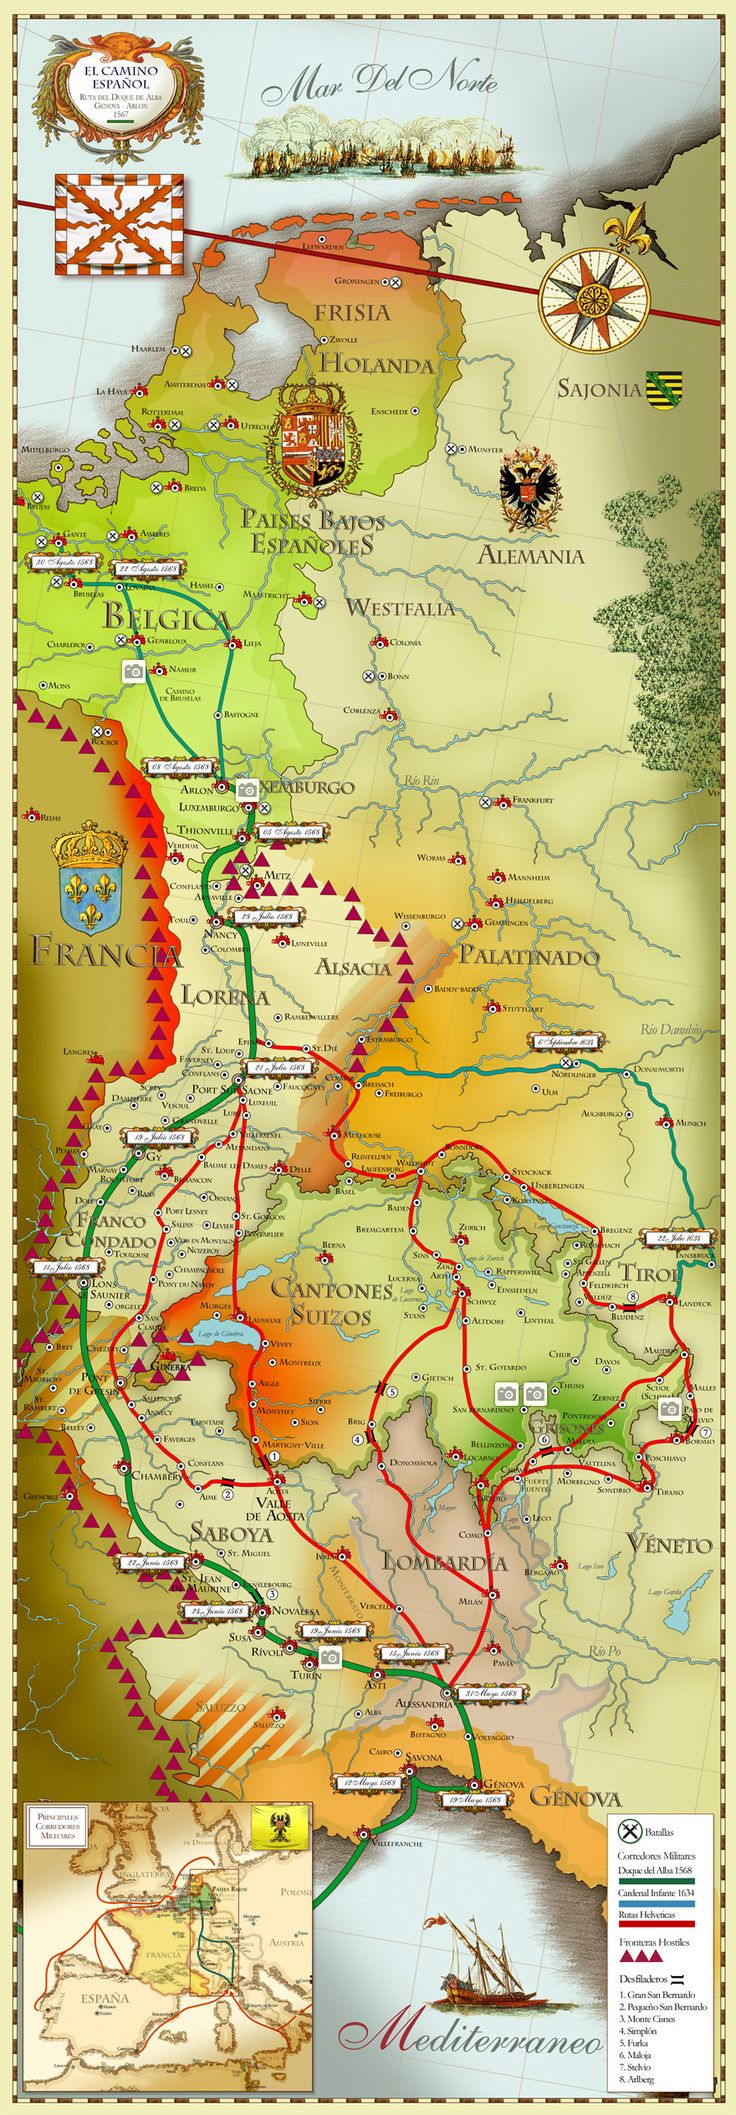 El Camino Español | La Historia con Mapas